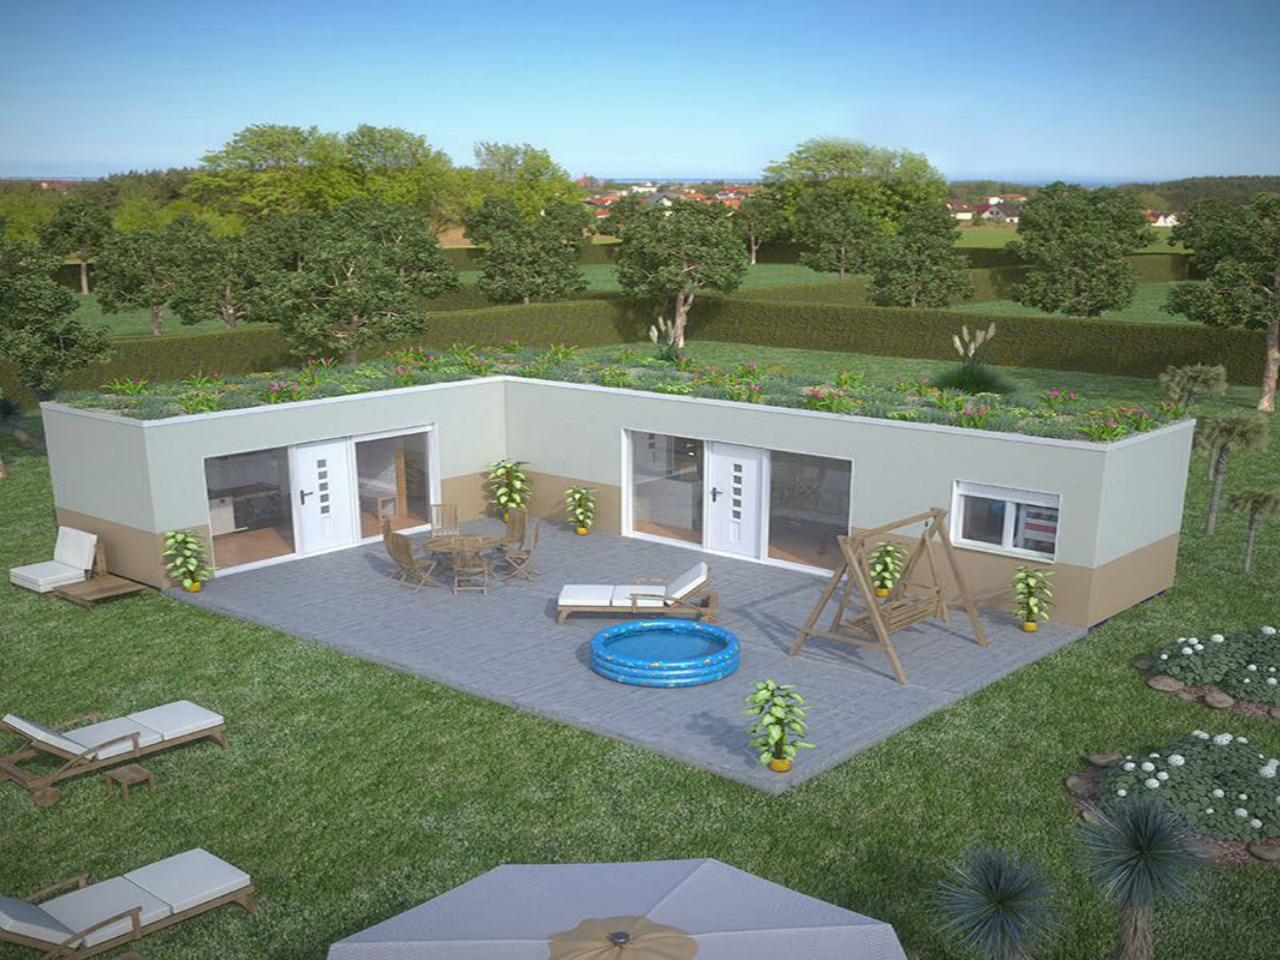 Casa prefabricadas modulares ideas de disenos - Viviendas modulares prefabricadas ...